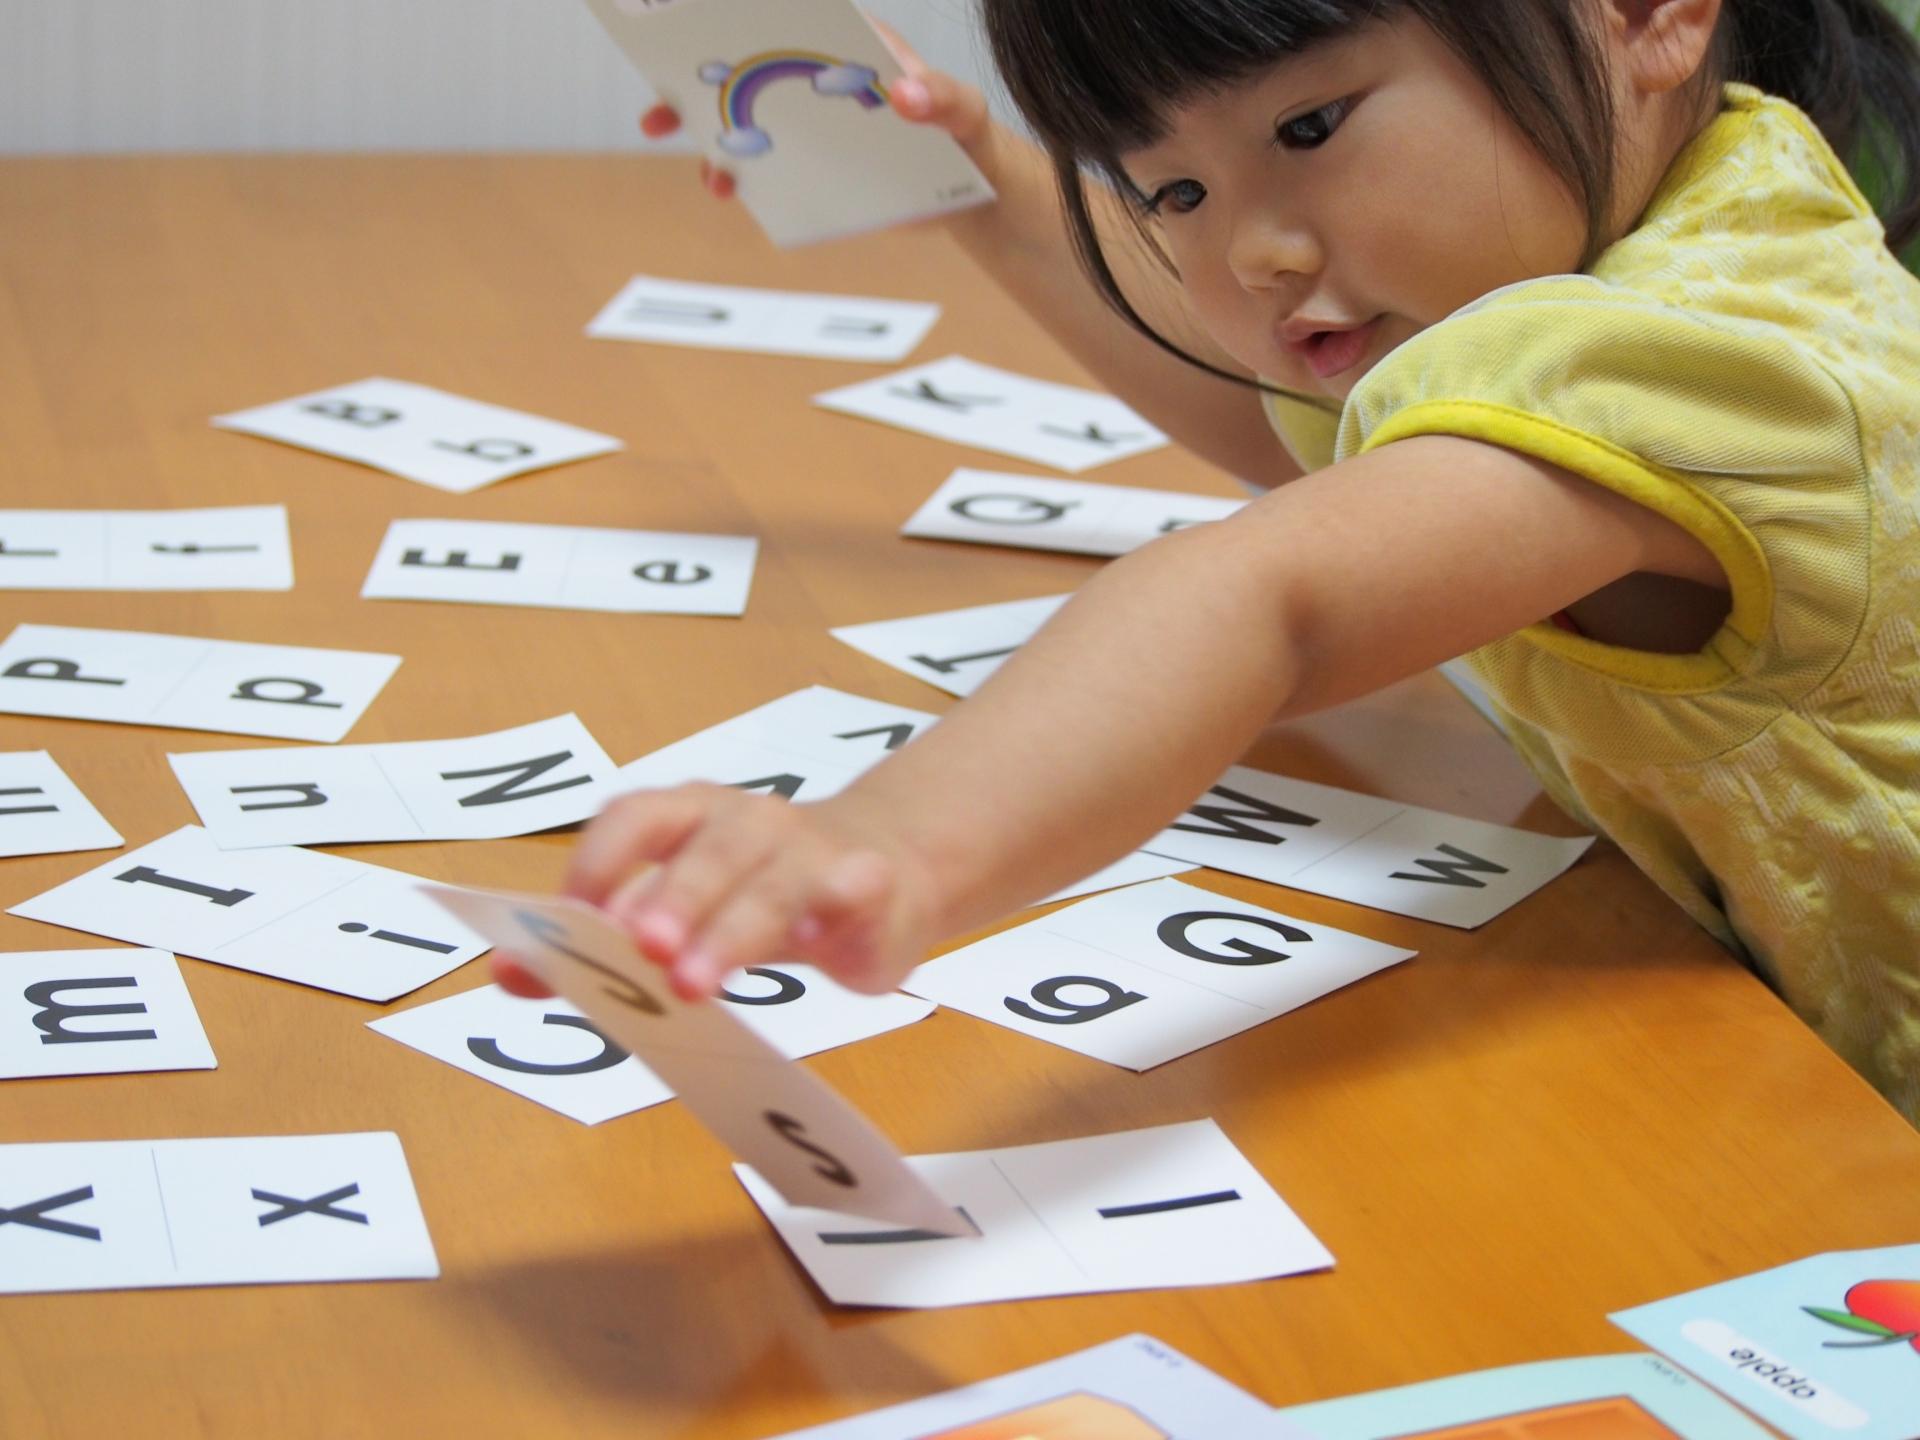 キッズ英会話レッソンで女の子は英語の文字を覚えています。